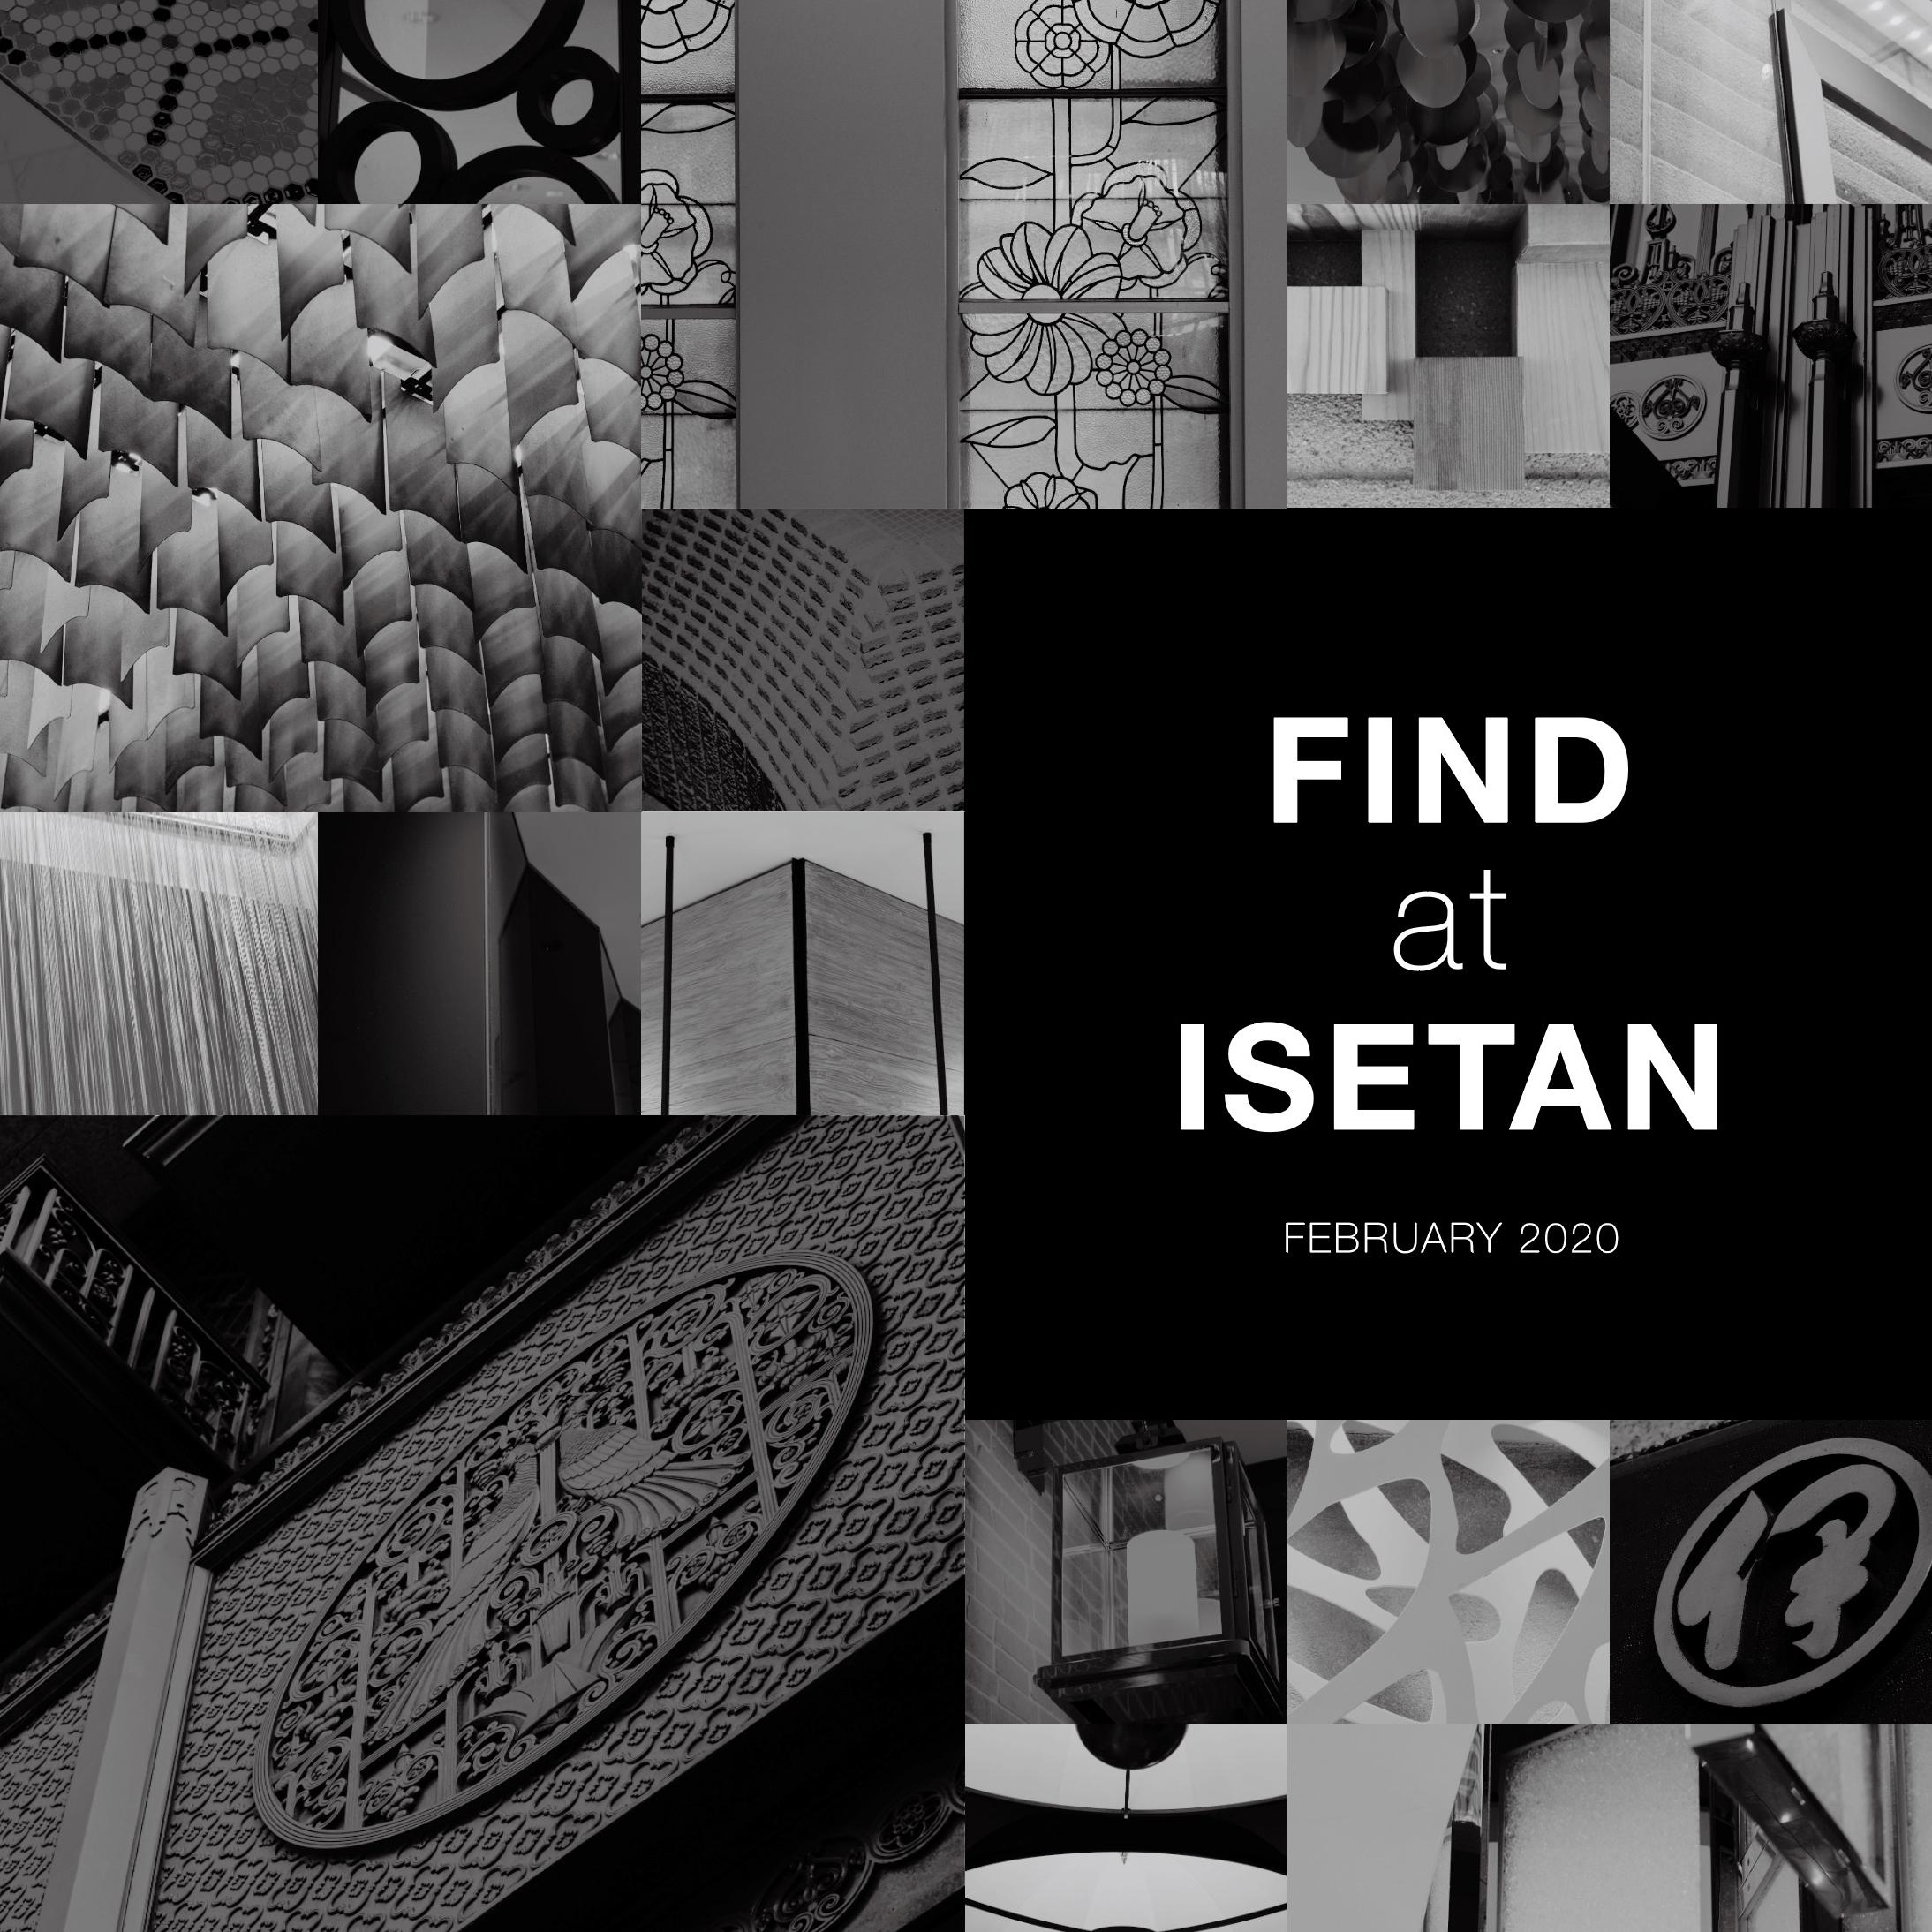 伊勢丹 FIND at ISETAN 2020 Feb. カタログ